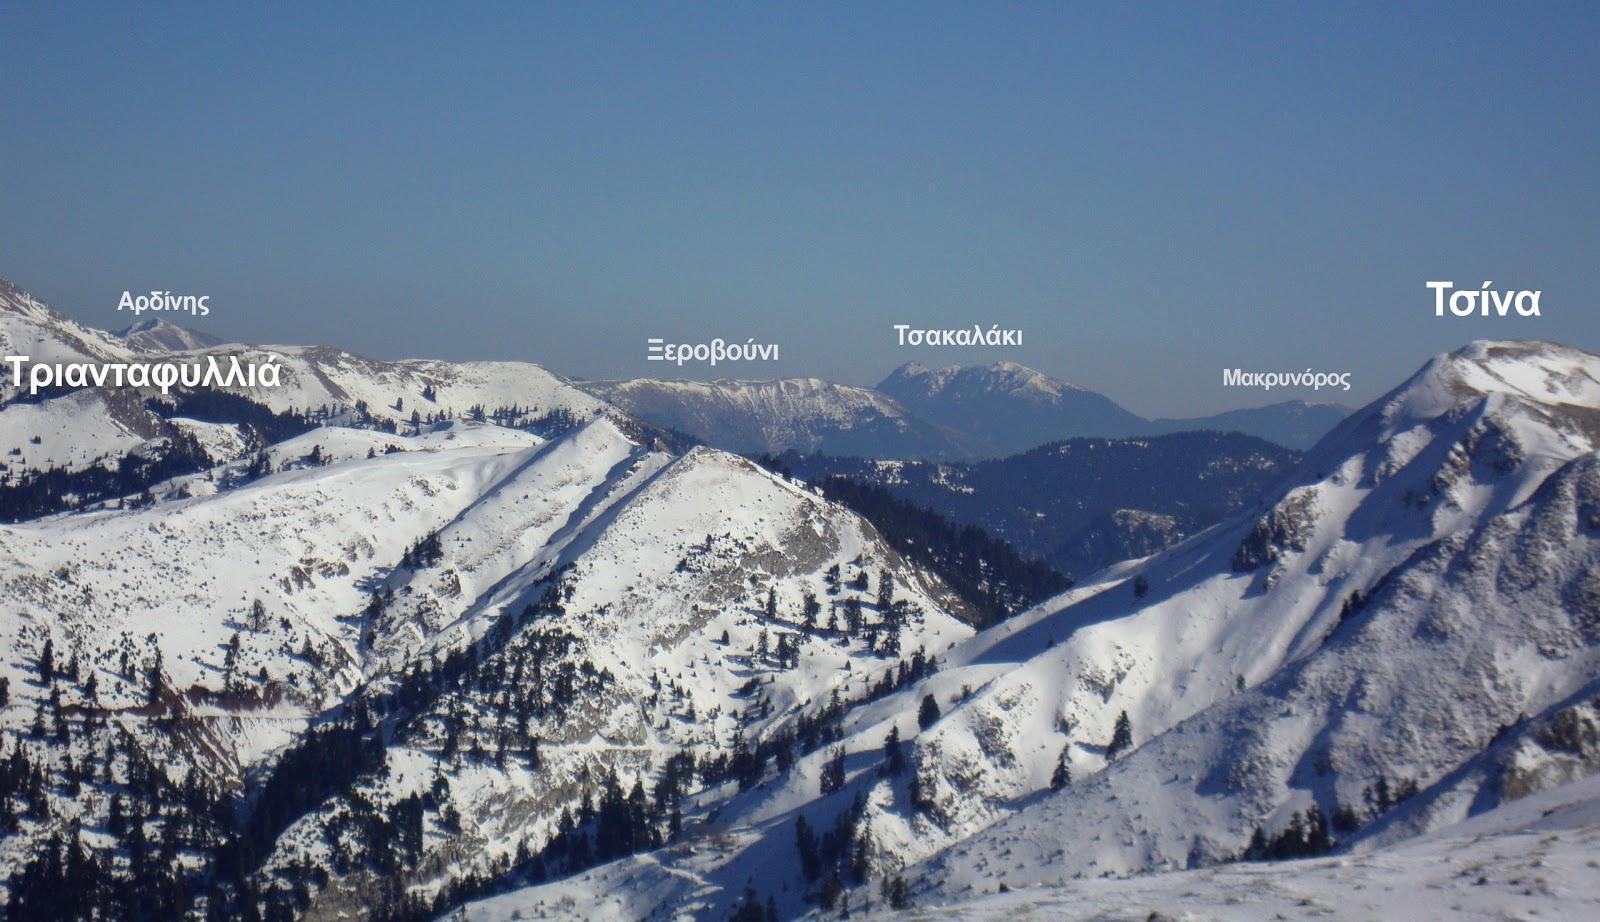 αρδίνης ξεροβούνι τσακαλάκι ορεινής ναυπακτίας τσίνα παναιτωλικό όρος